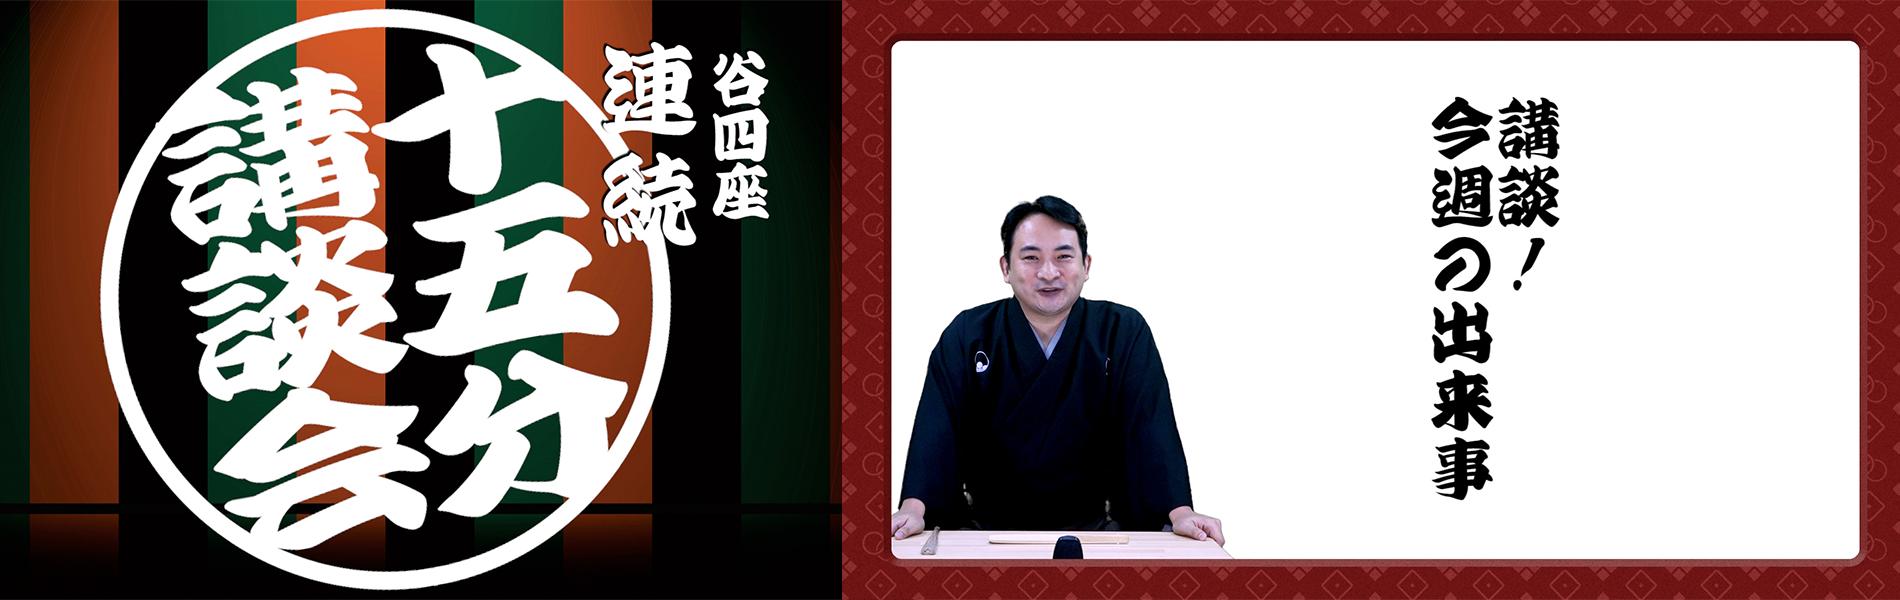 旭堂南鷹アワー 連続15分講談会・講談!今週の出来事